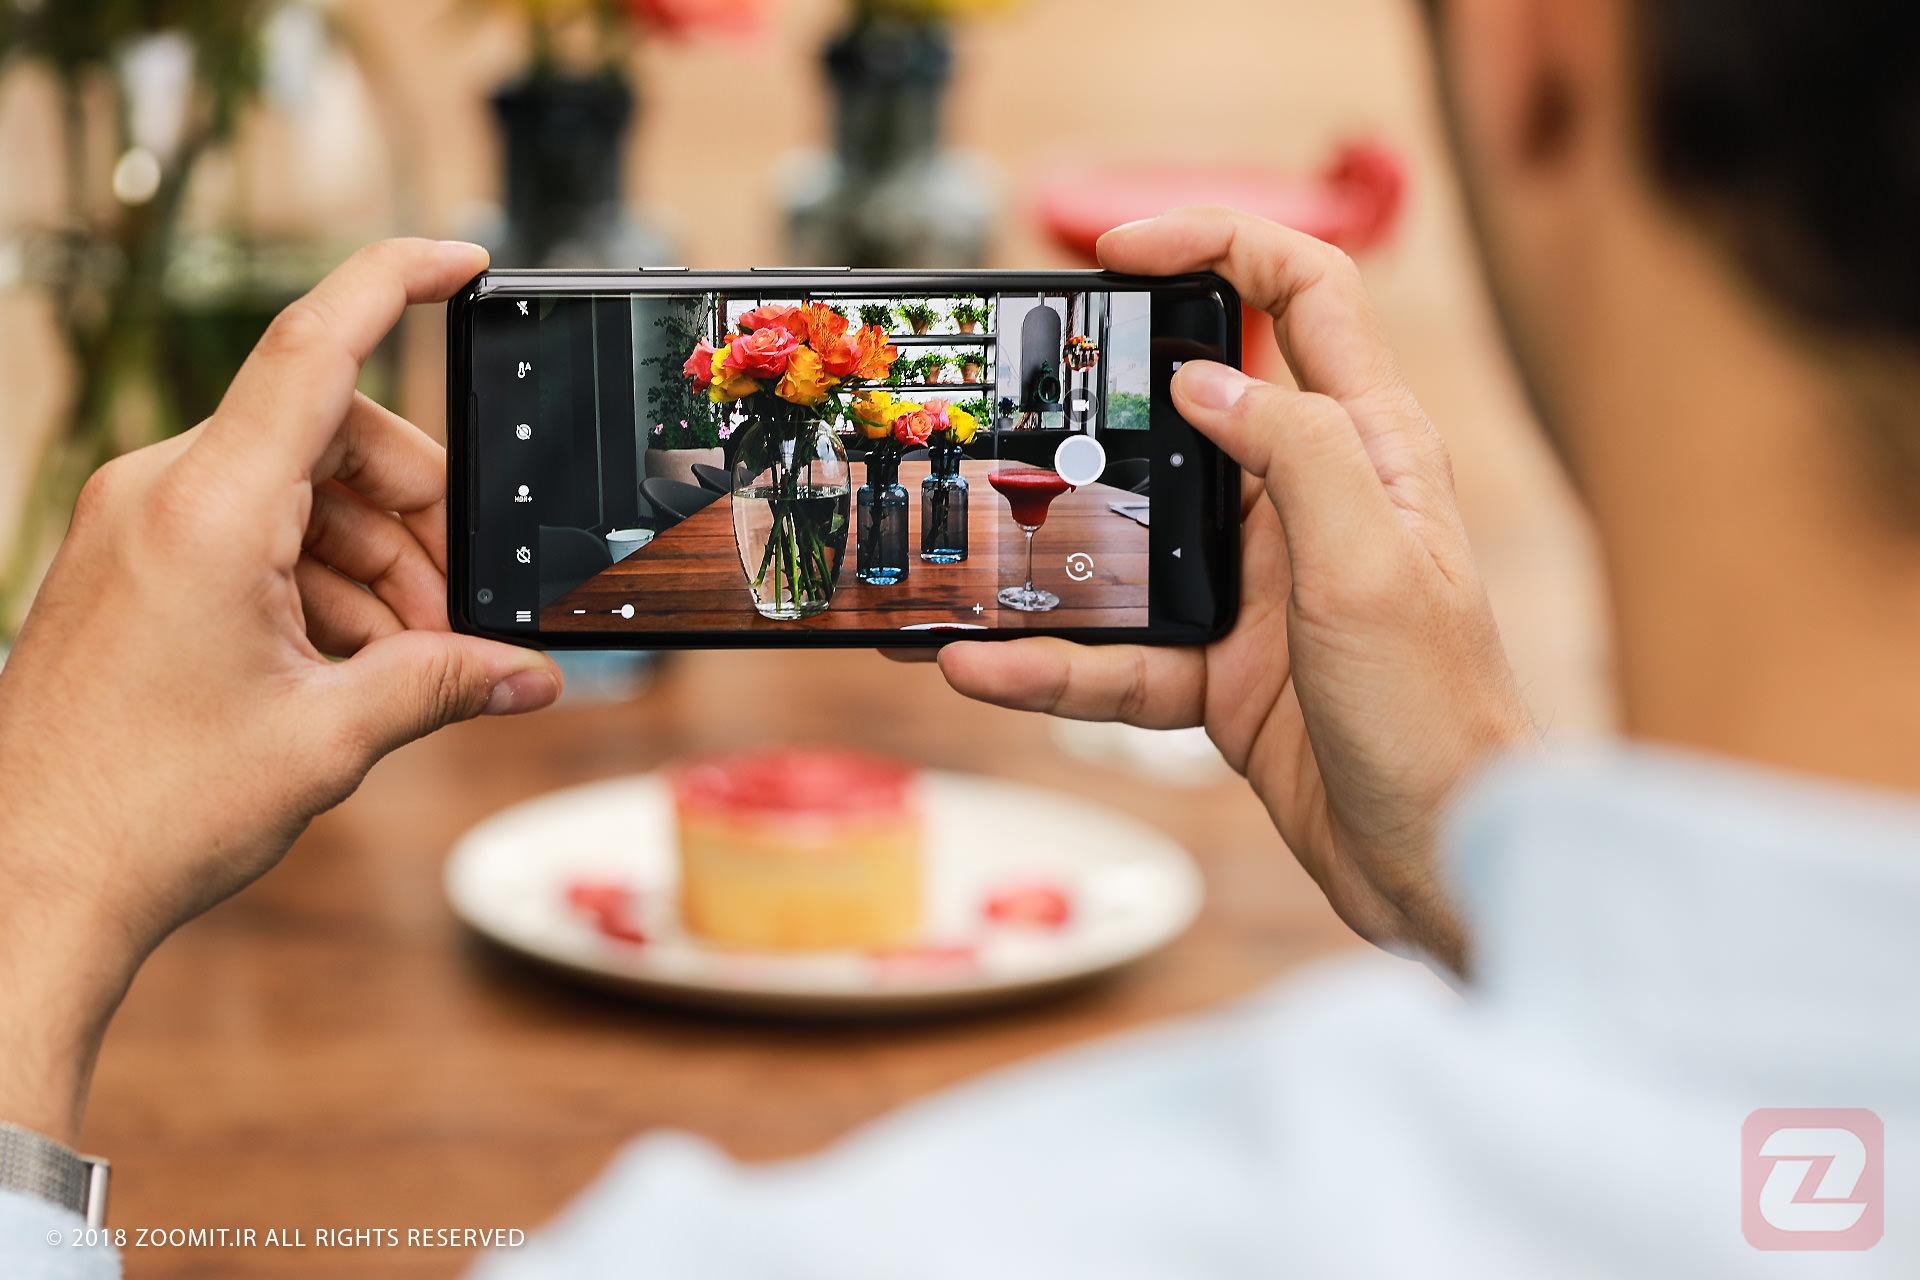 پیکسل 3 لایت گوگل در ویدئویی زودتر از موعد رونمایی رویت شد